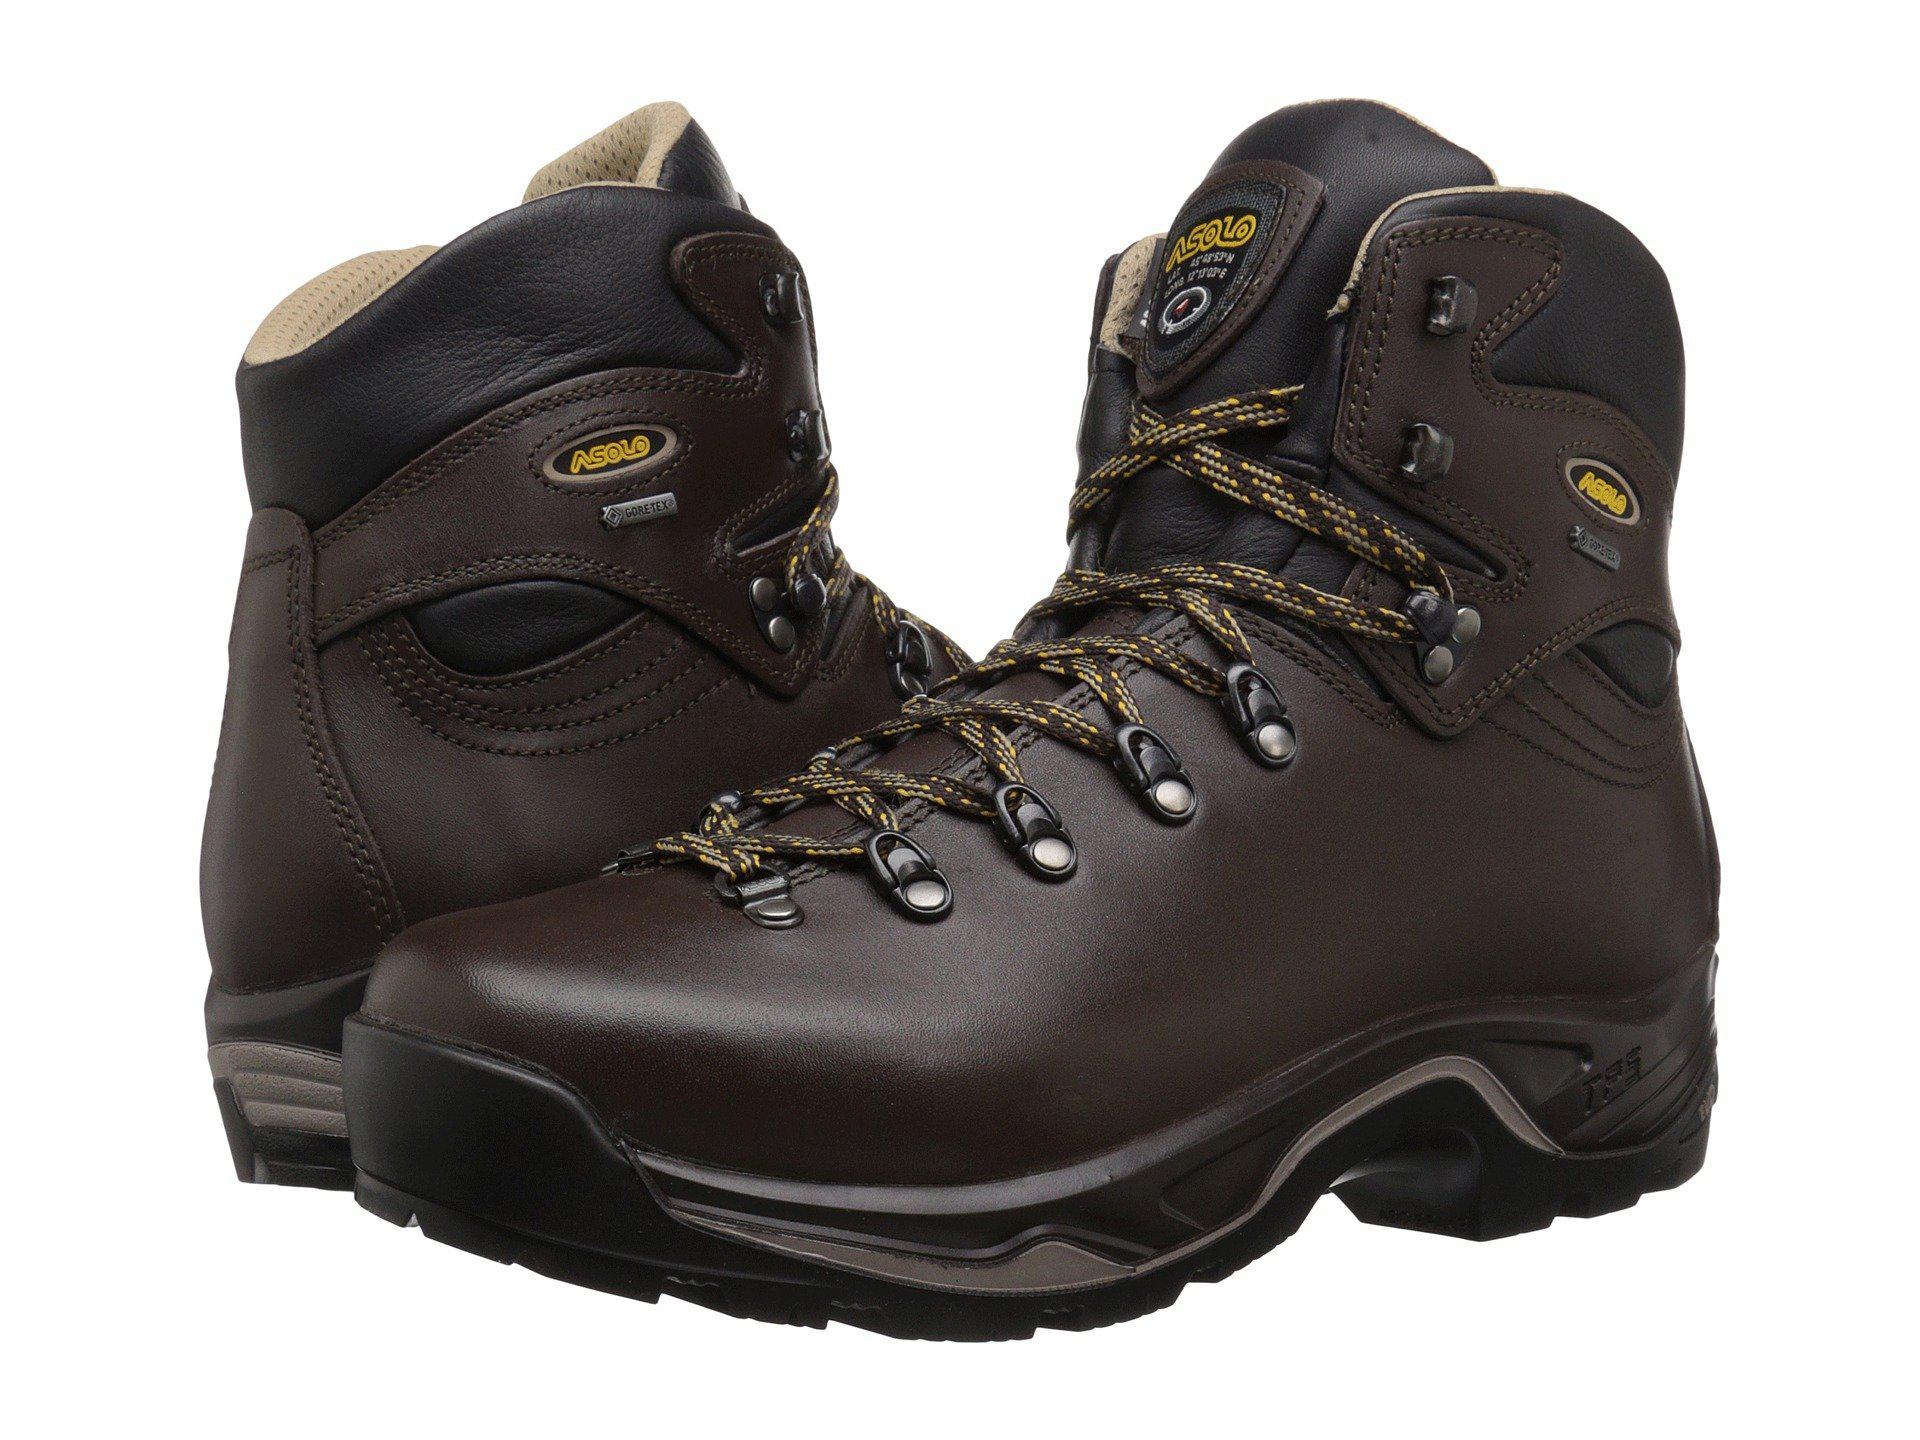 0920c2b14d3 Lyst - Asolo Tps 520 Gv Evo (chestnut) Men s Boots in Brown for Men